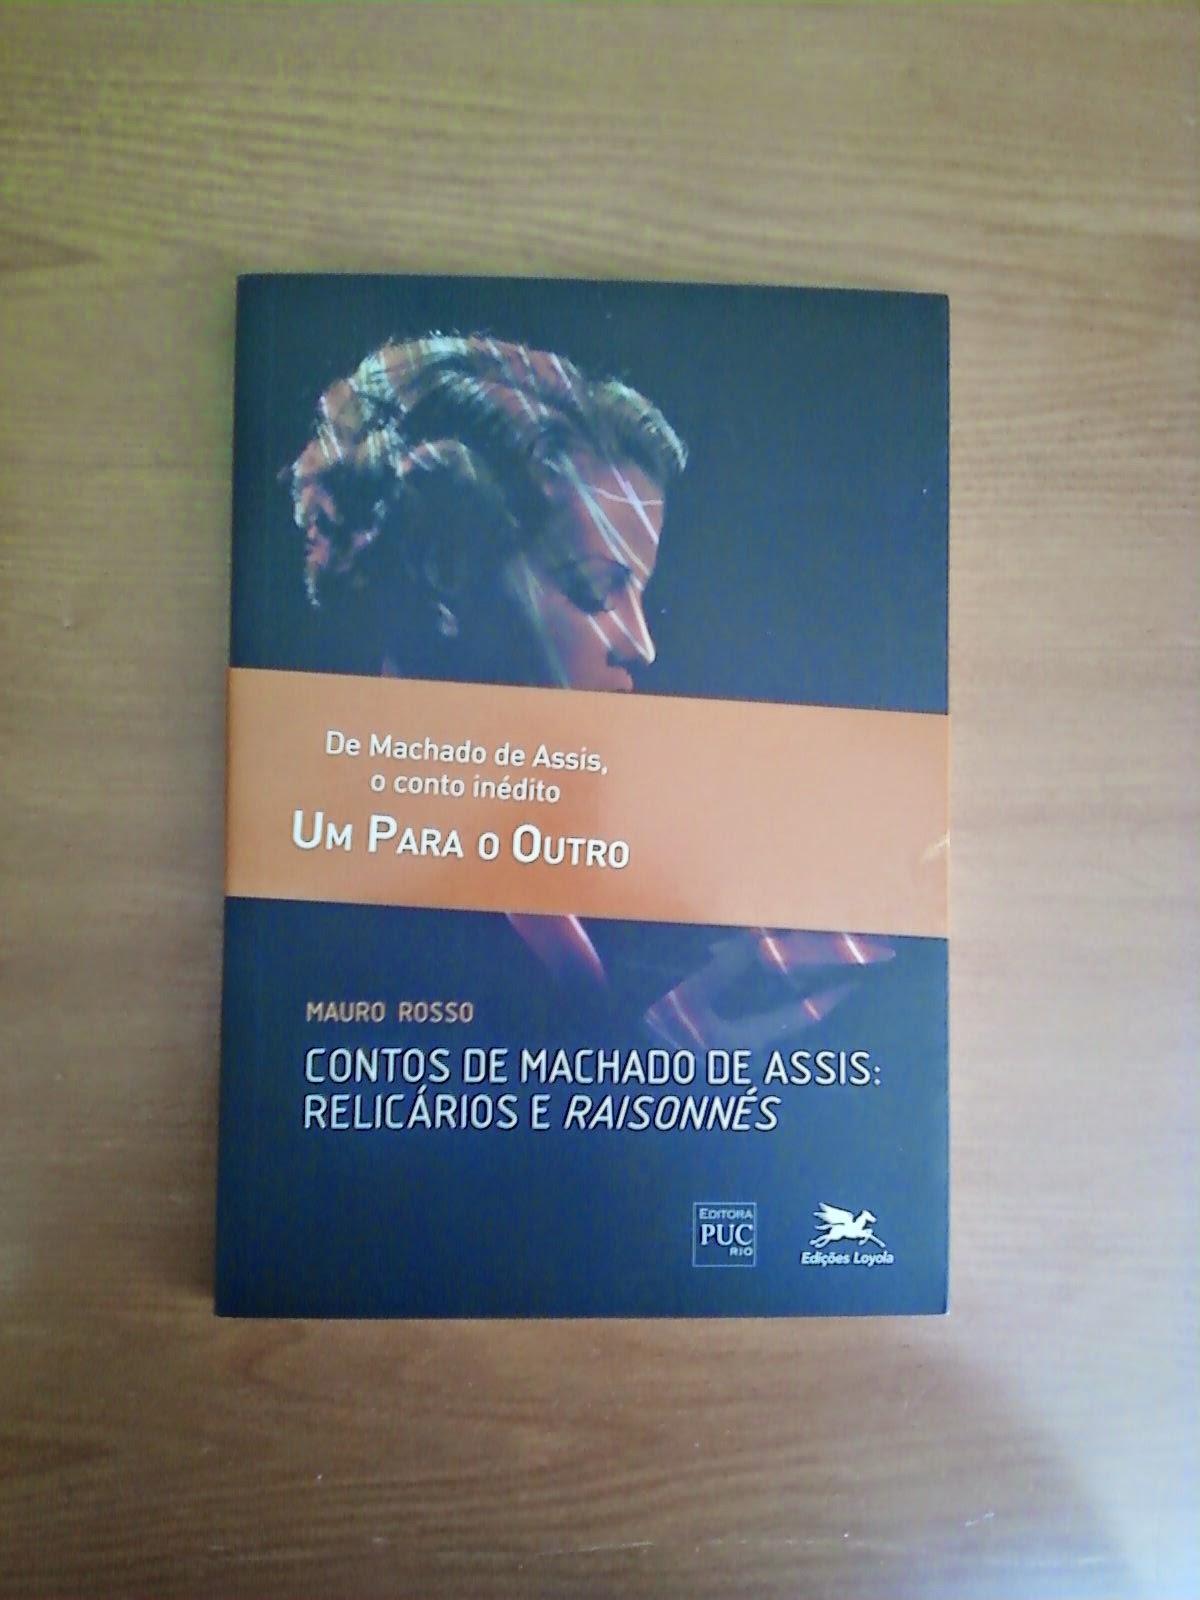 Contos de Machado de Assis: relicários e raisonnés